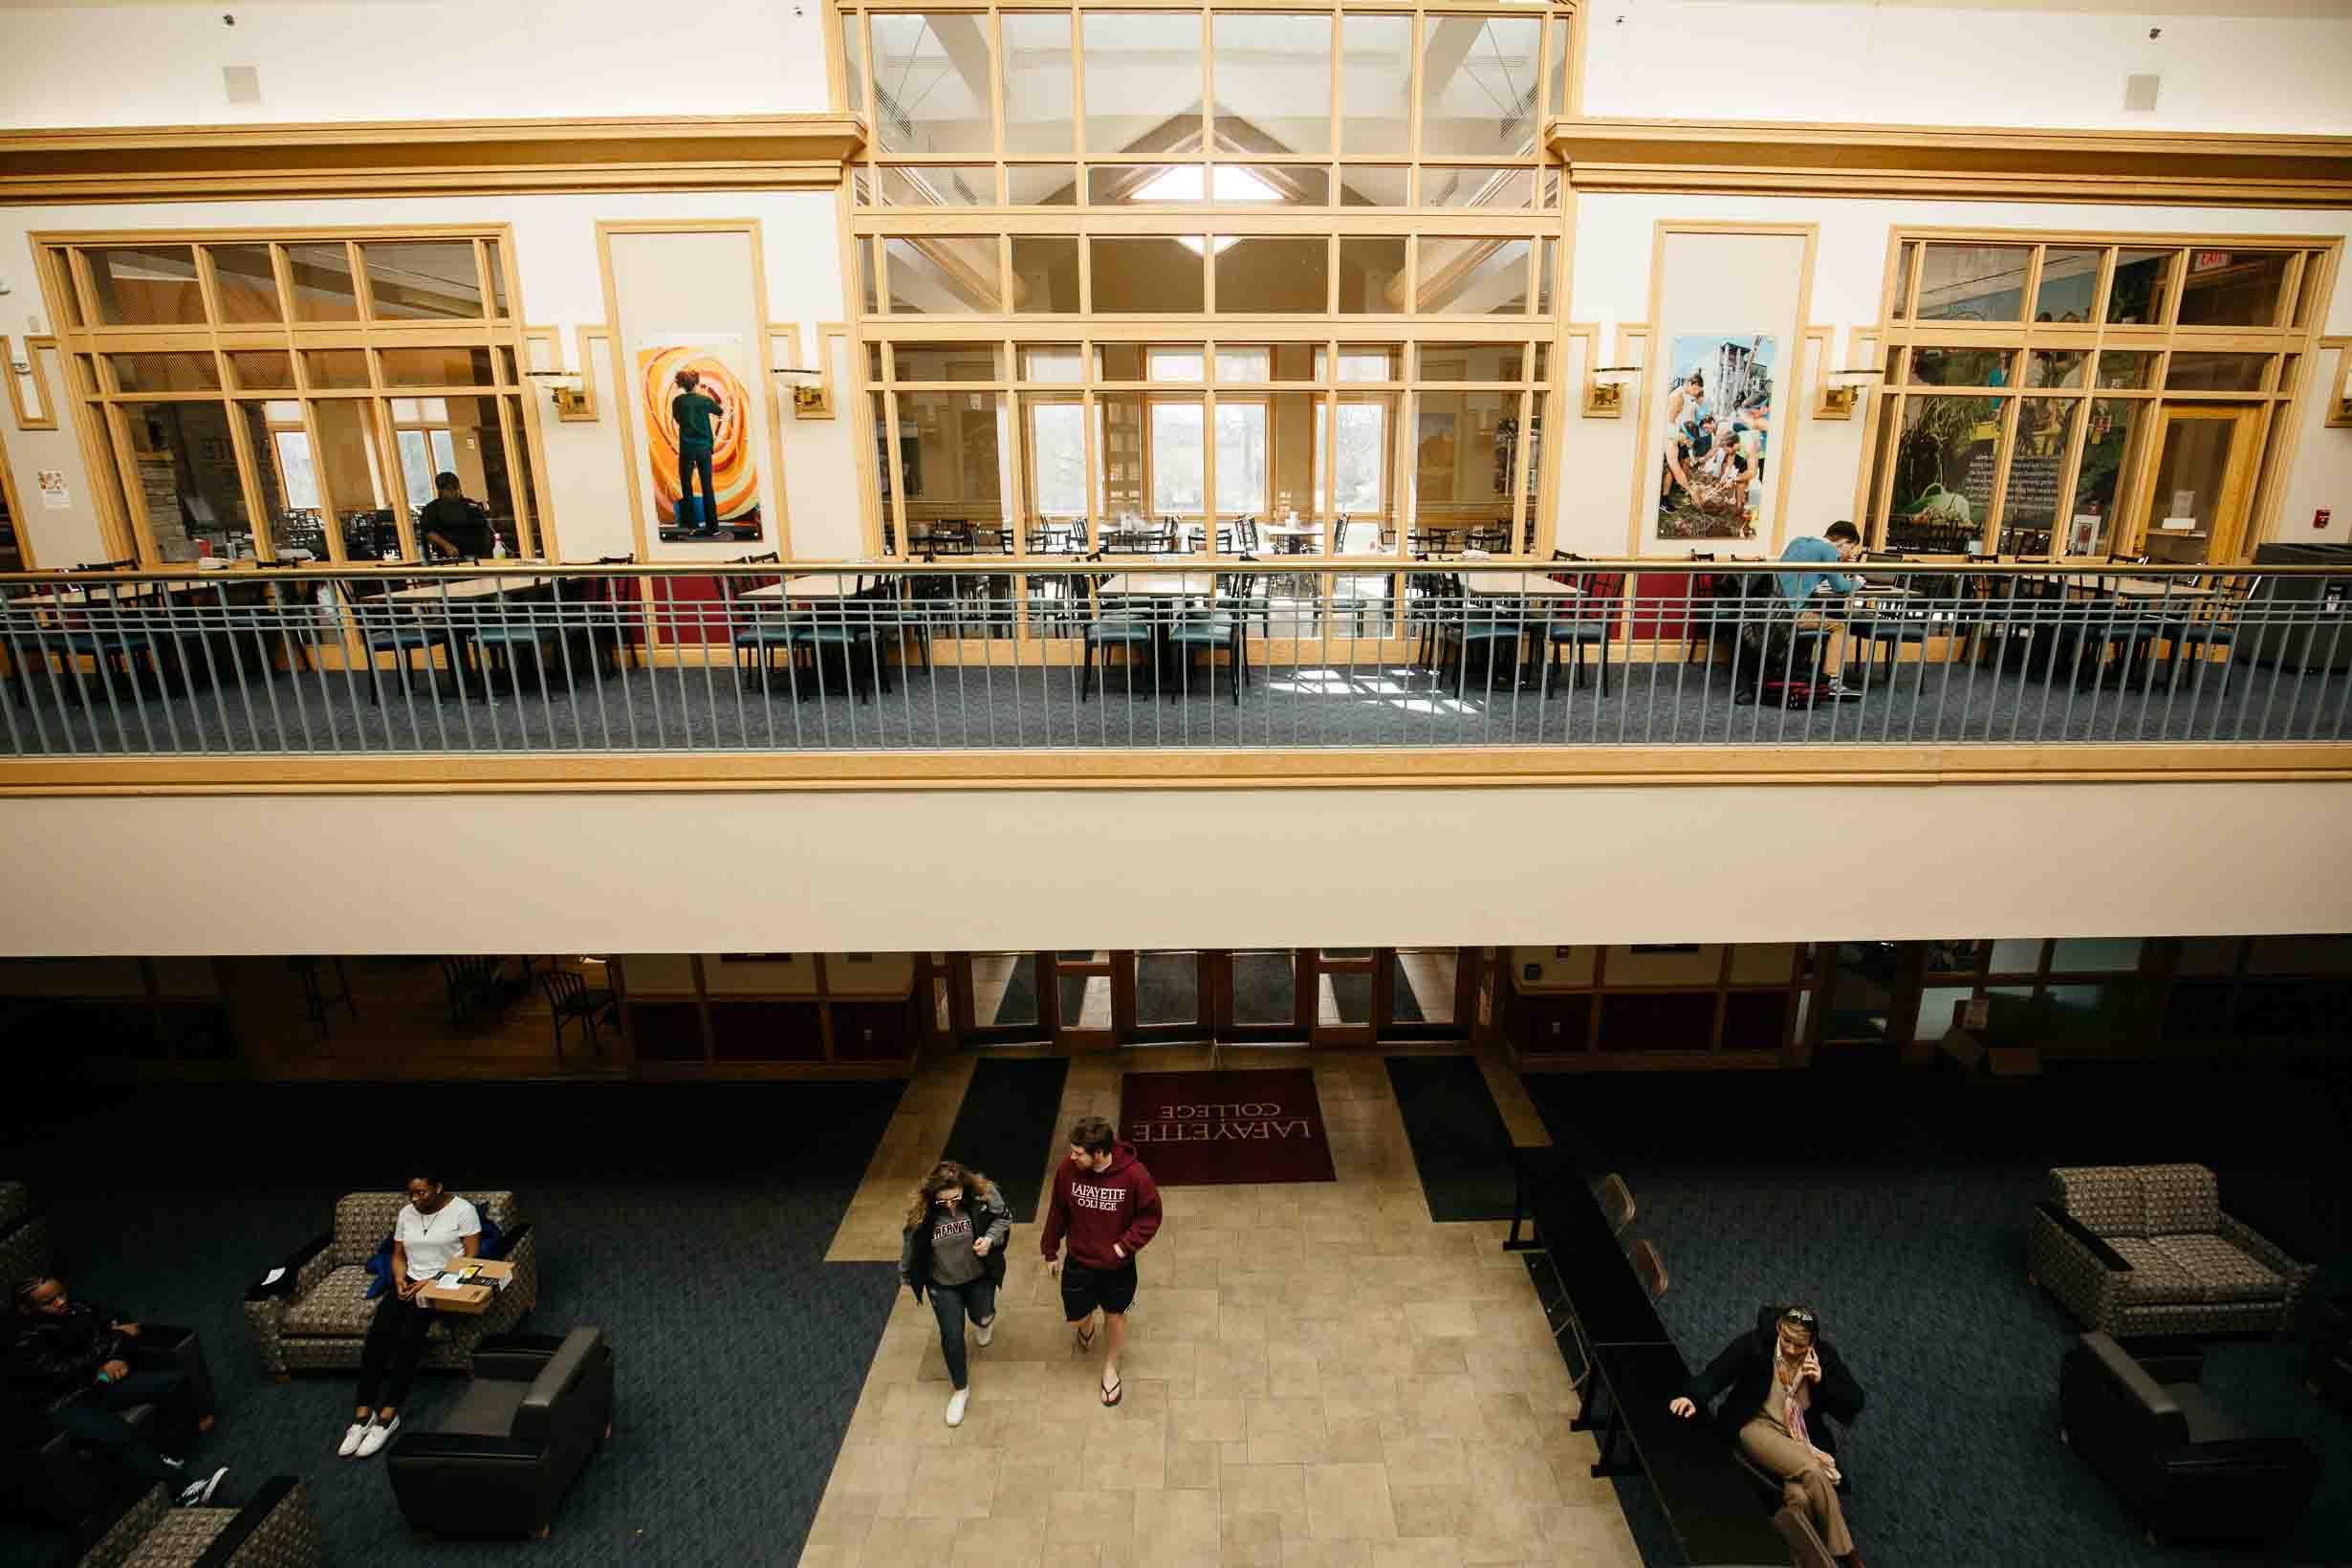 An interior view of Farinon College Center